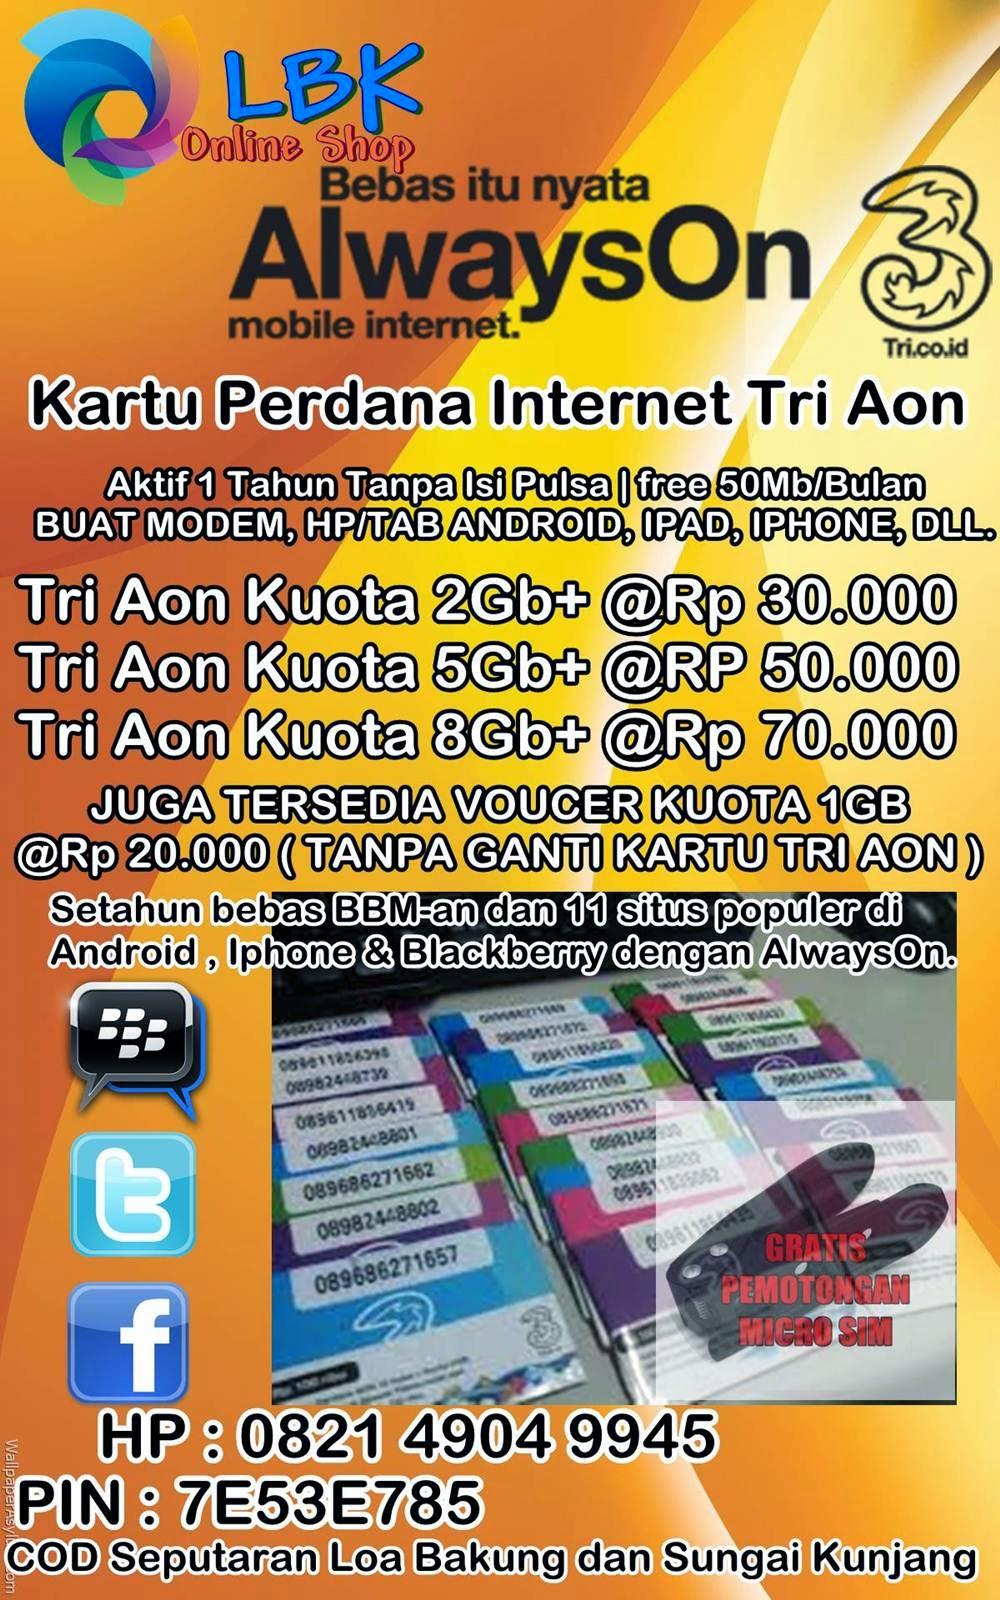 Jual Perdana Internet Tri Aon 3 Risshop Samarinda Voucer Paket Kartu Aktif 1 Tahun Tanpa Isi Pulsa Free 50mb Bulan Buat Modem Hp Tab Android